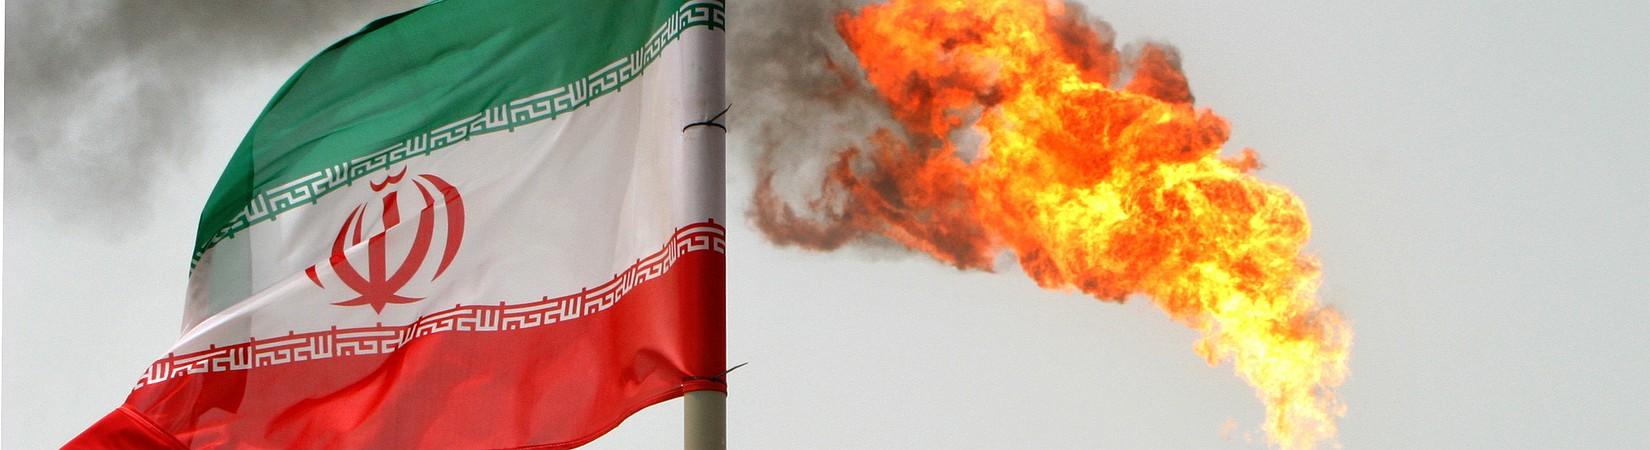 El petróleo sigue su recuperación